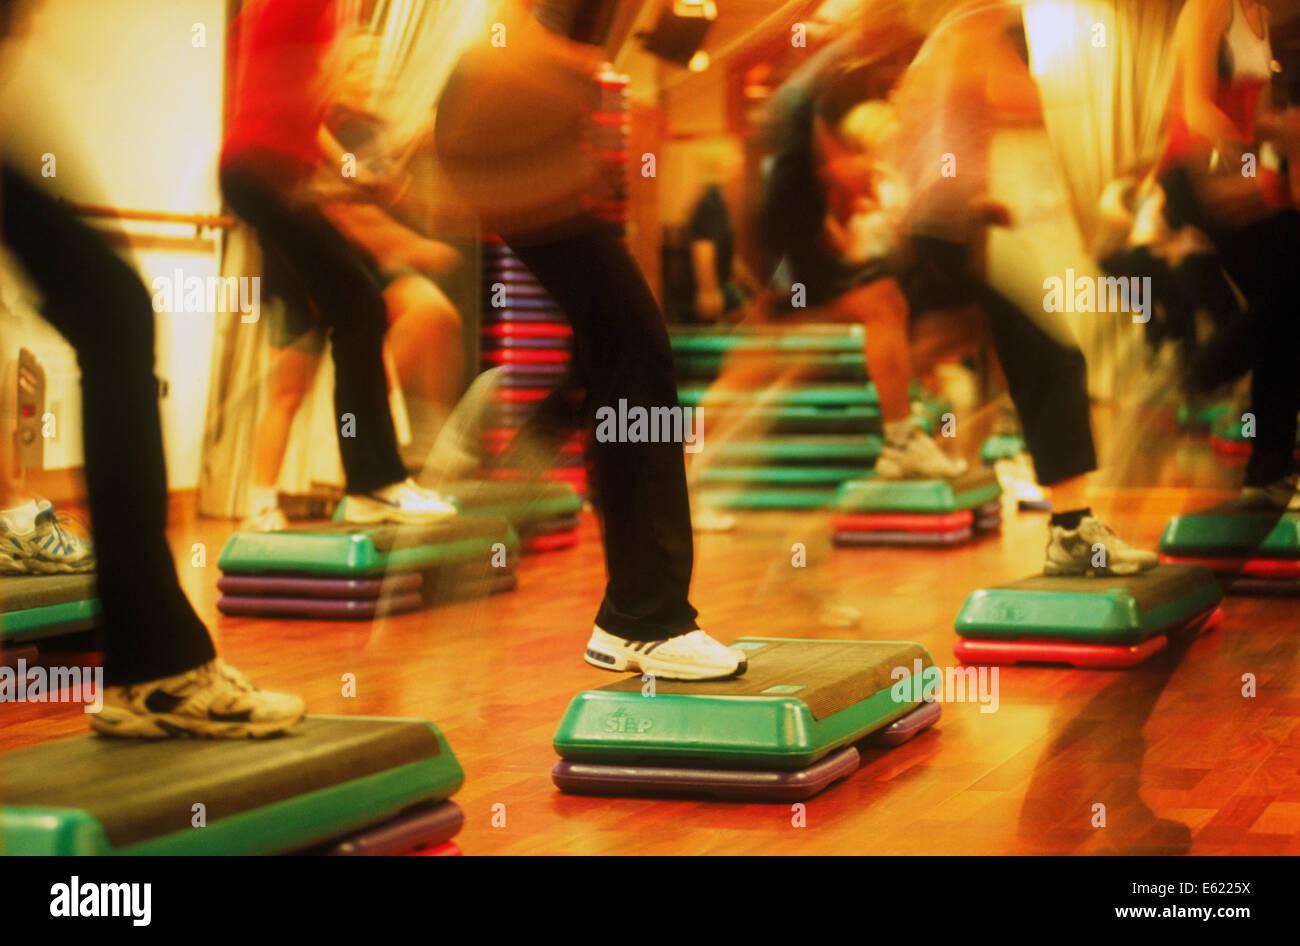 Beine und Schuhe in Bewegung während verstärkte Übung zur Vorlesung Stockfoto